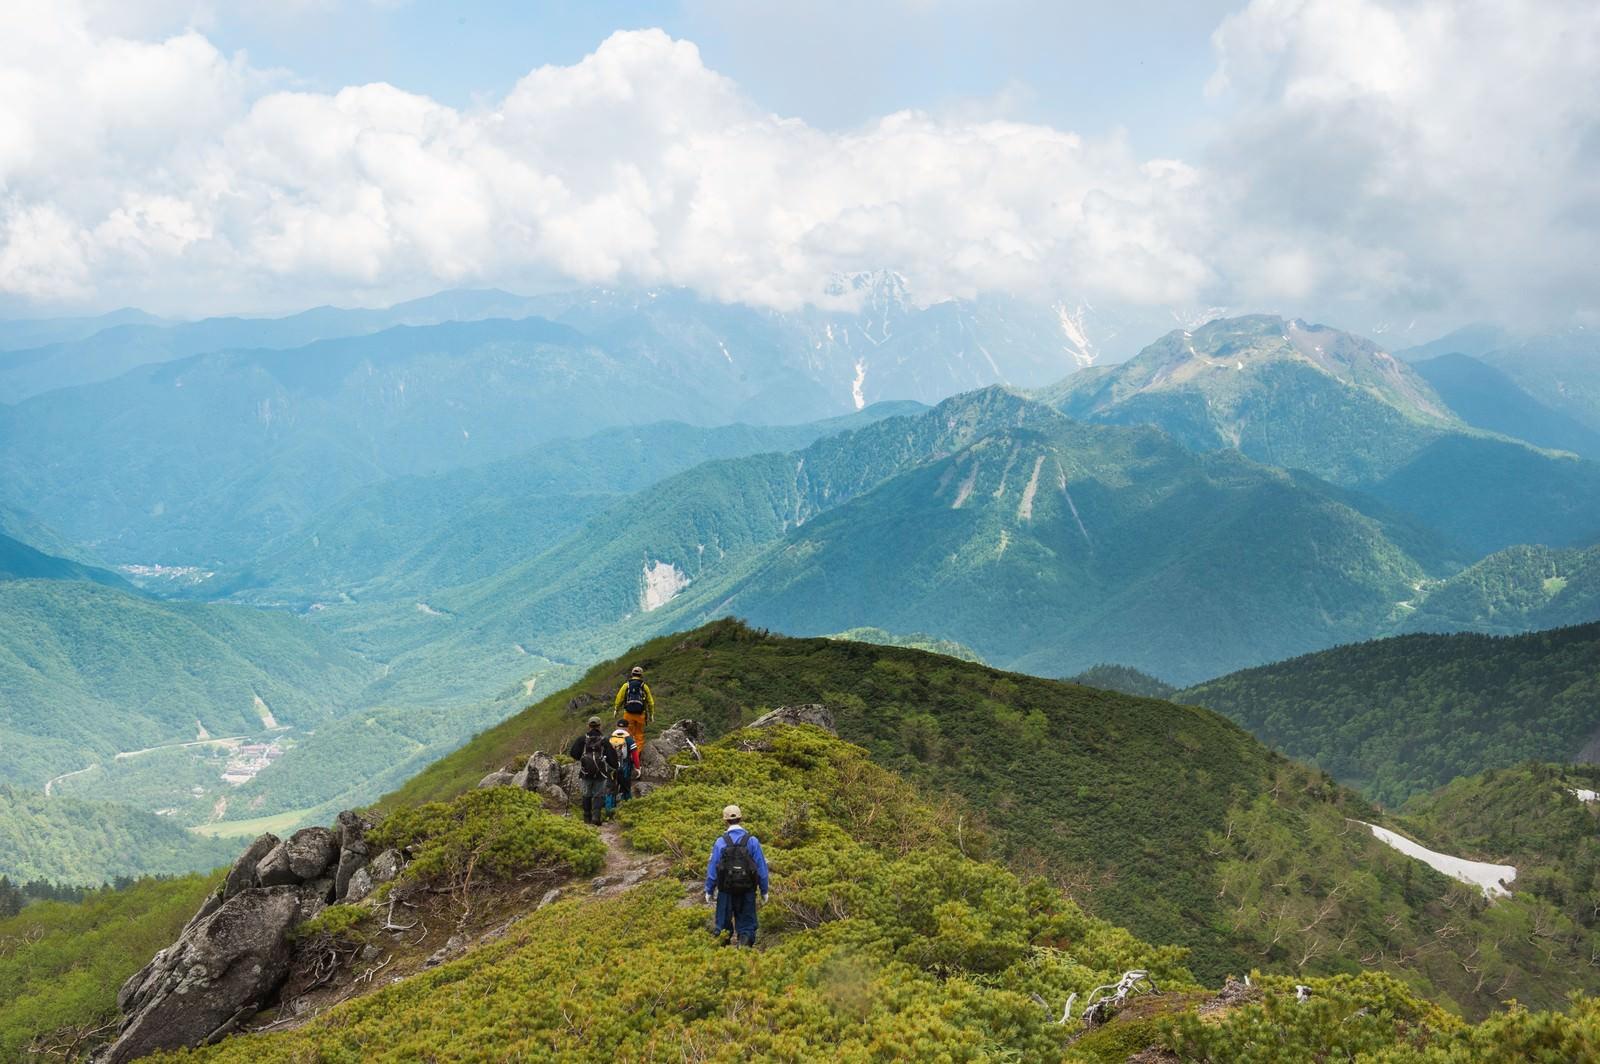 「目の前に焼岳、目下に平湯温泉の眺め(乗鞍新登山道)」の写真